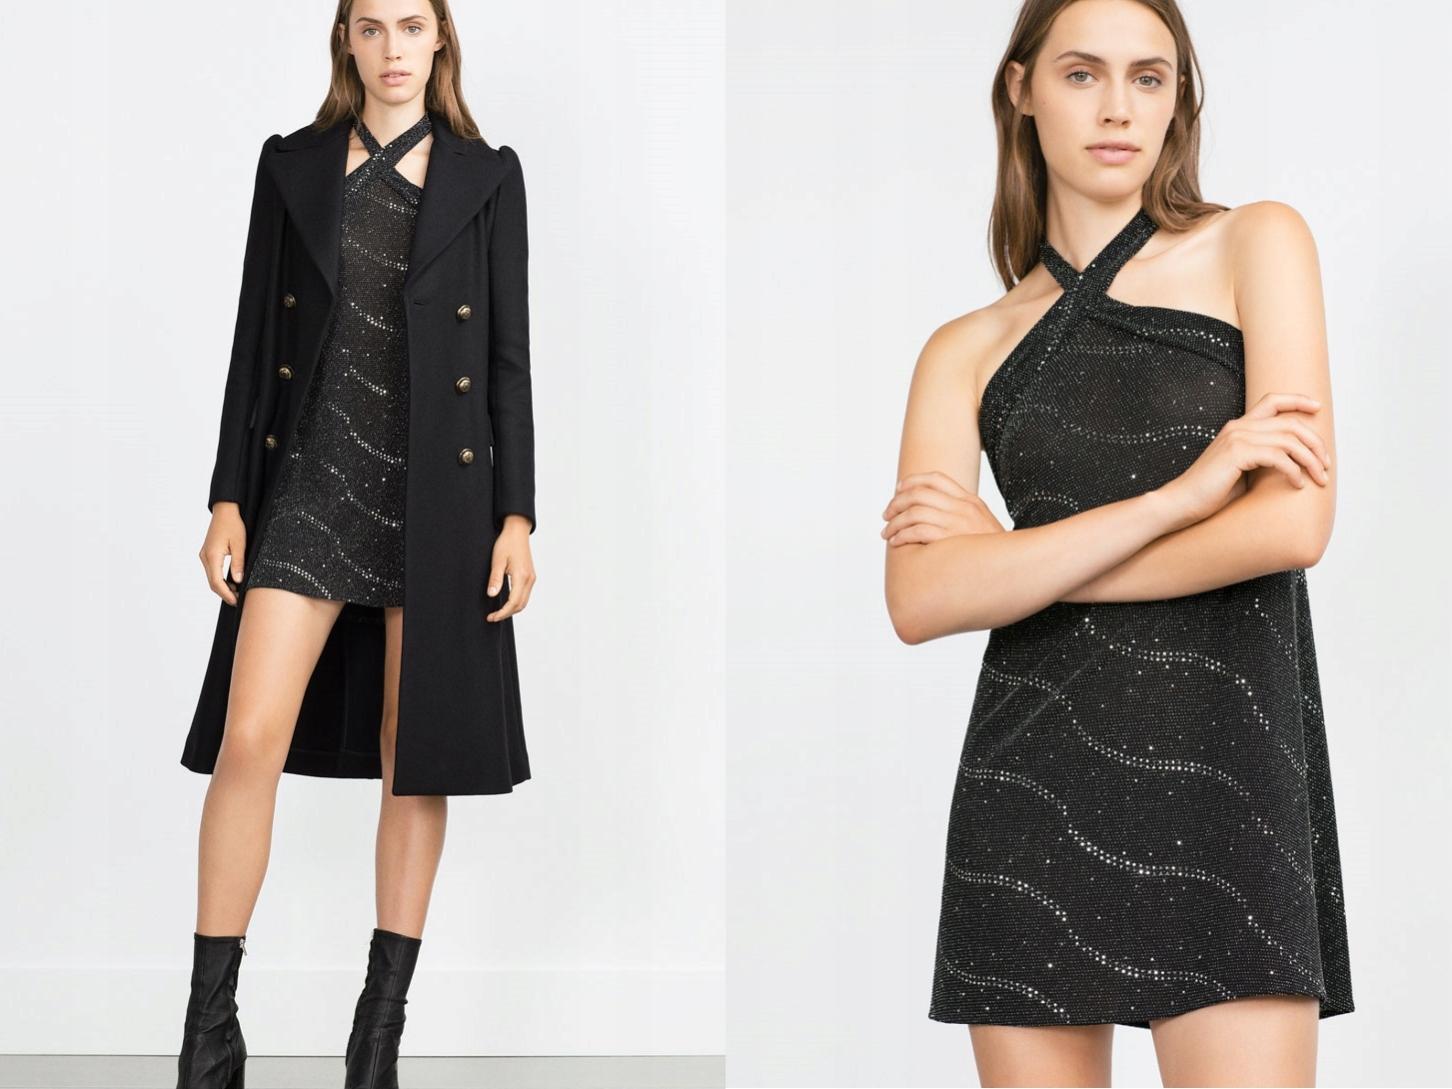 Zara Woman Fantazyjna Czarna Sukienka Mini L/40